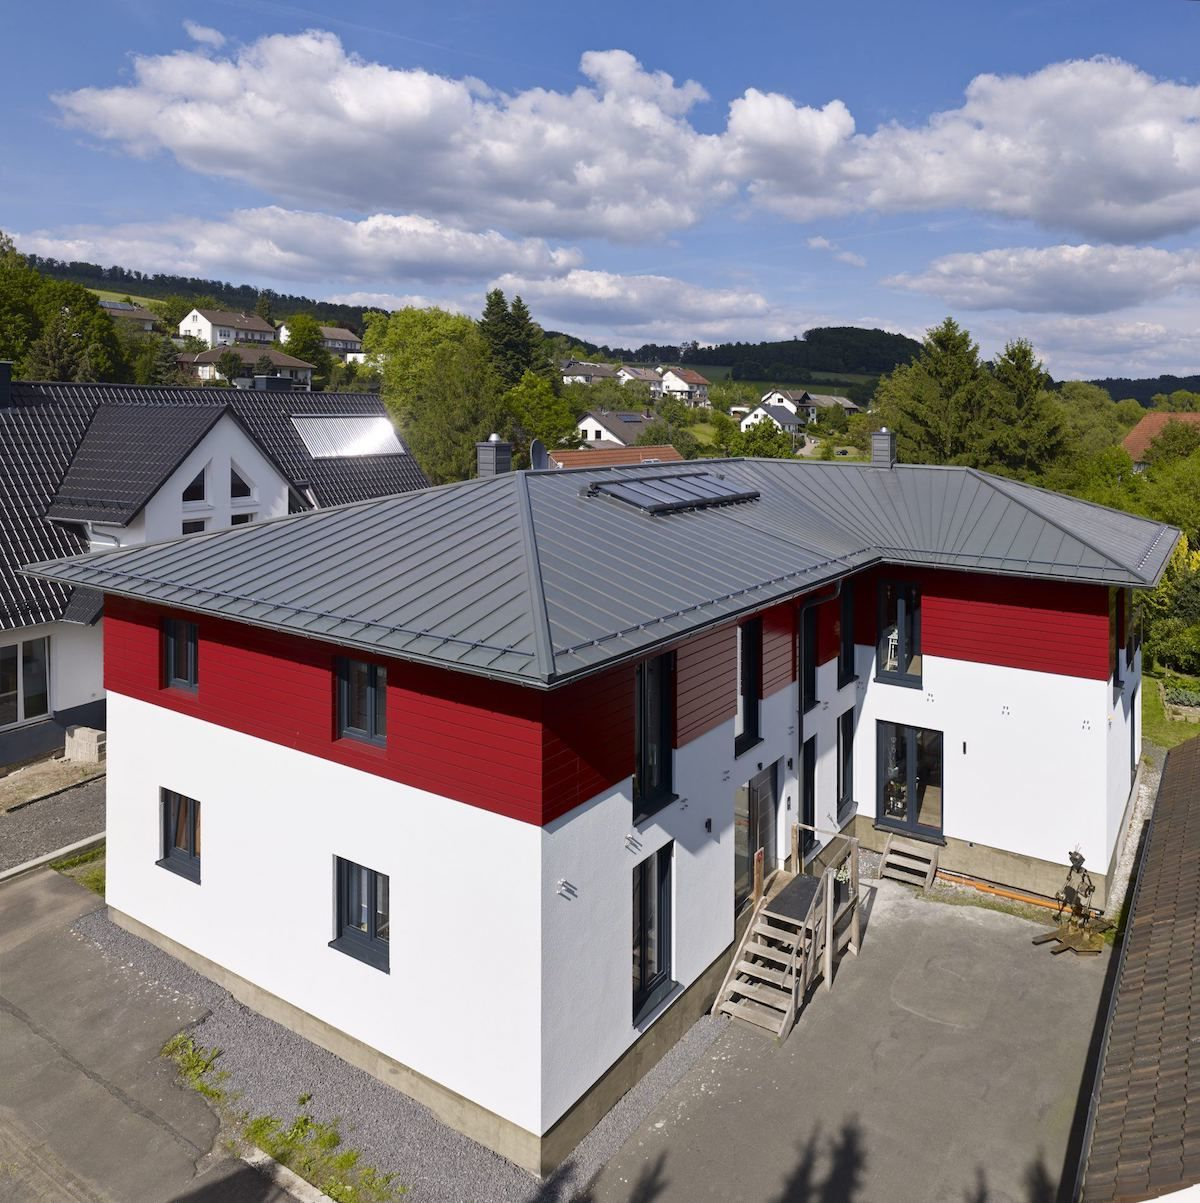 Mehrstoeckiges Neubauhaus mit Metalldach von Rheinzink